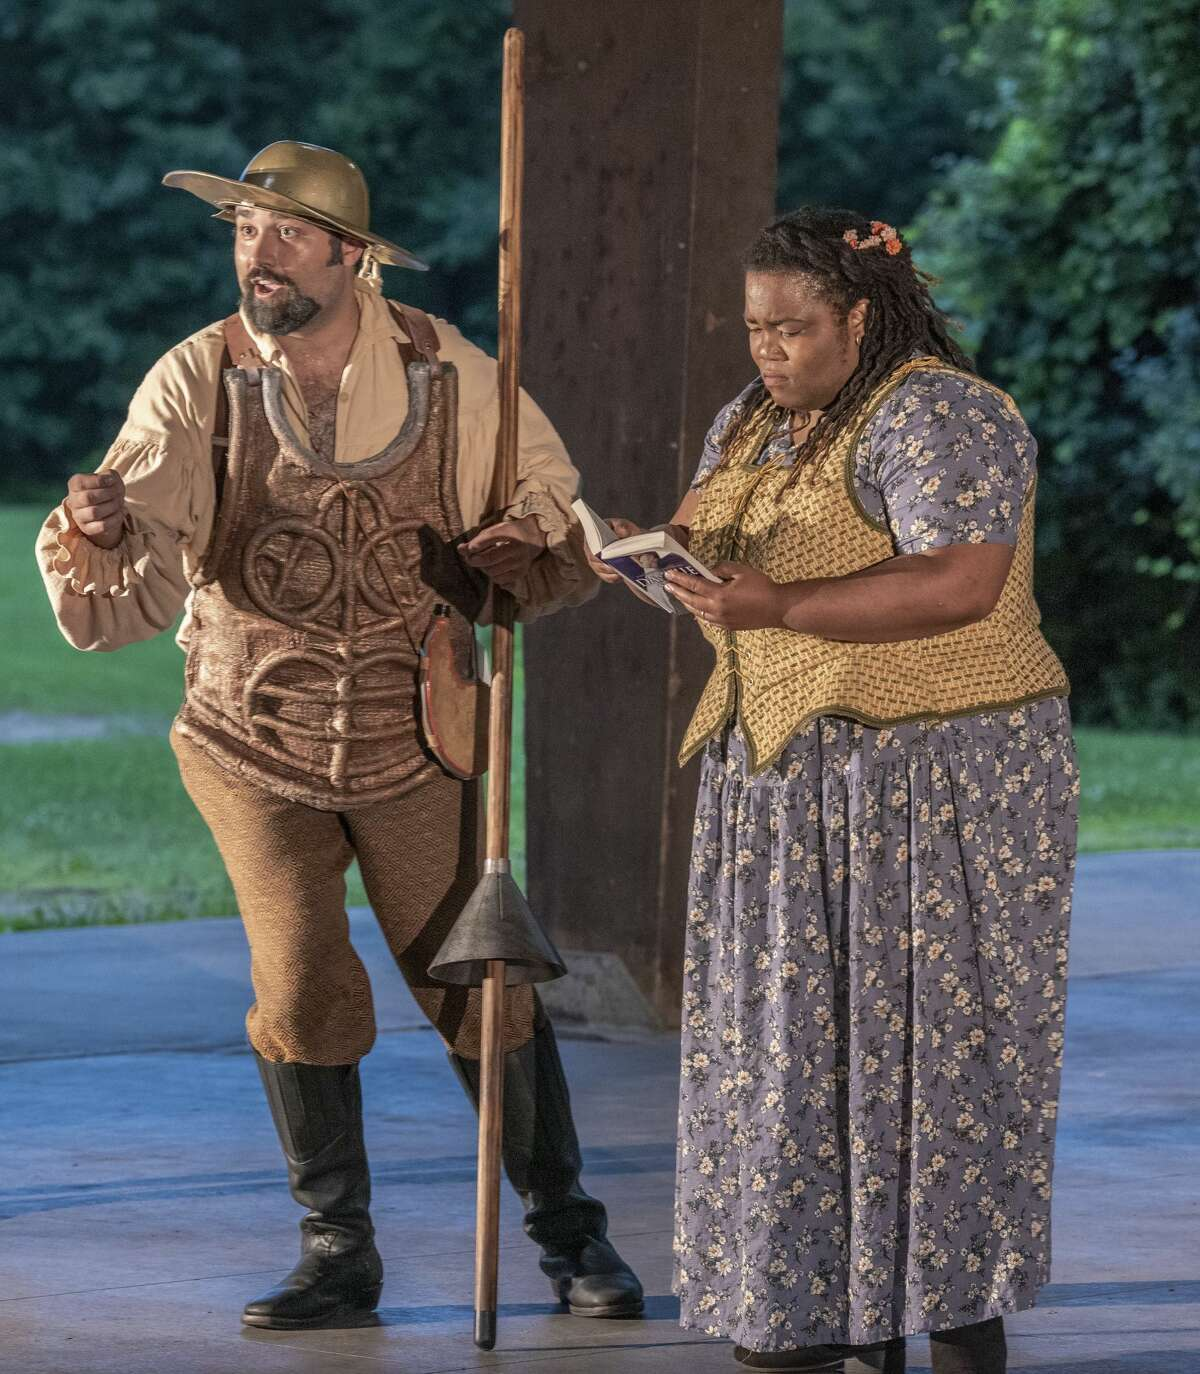 """Titus Muzi (Don Quixote), Jouelle Roberson (Grisostomo) in Opera Saratoga's """"Don Quichotte at Camacho's Wedding."""" (Photo: Gary Gold)"""